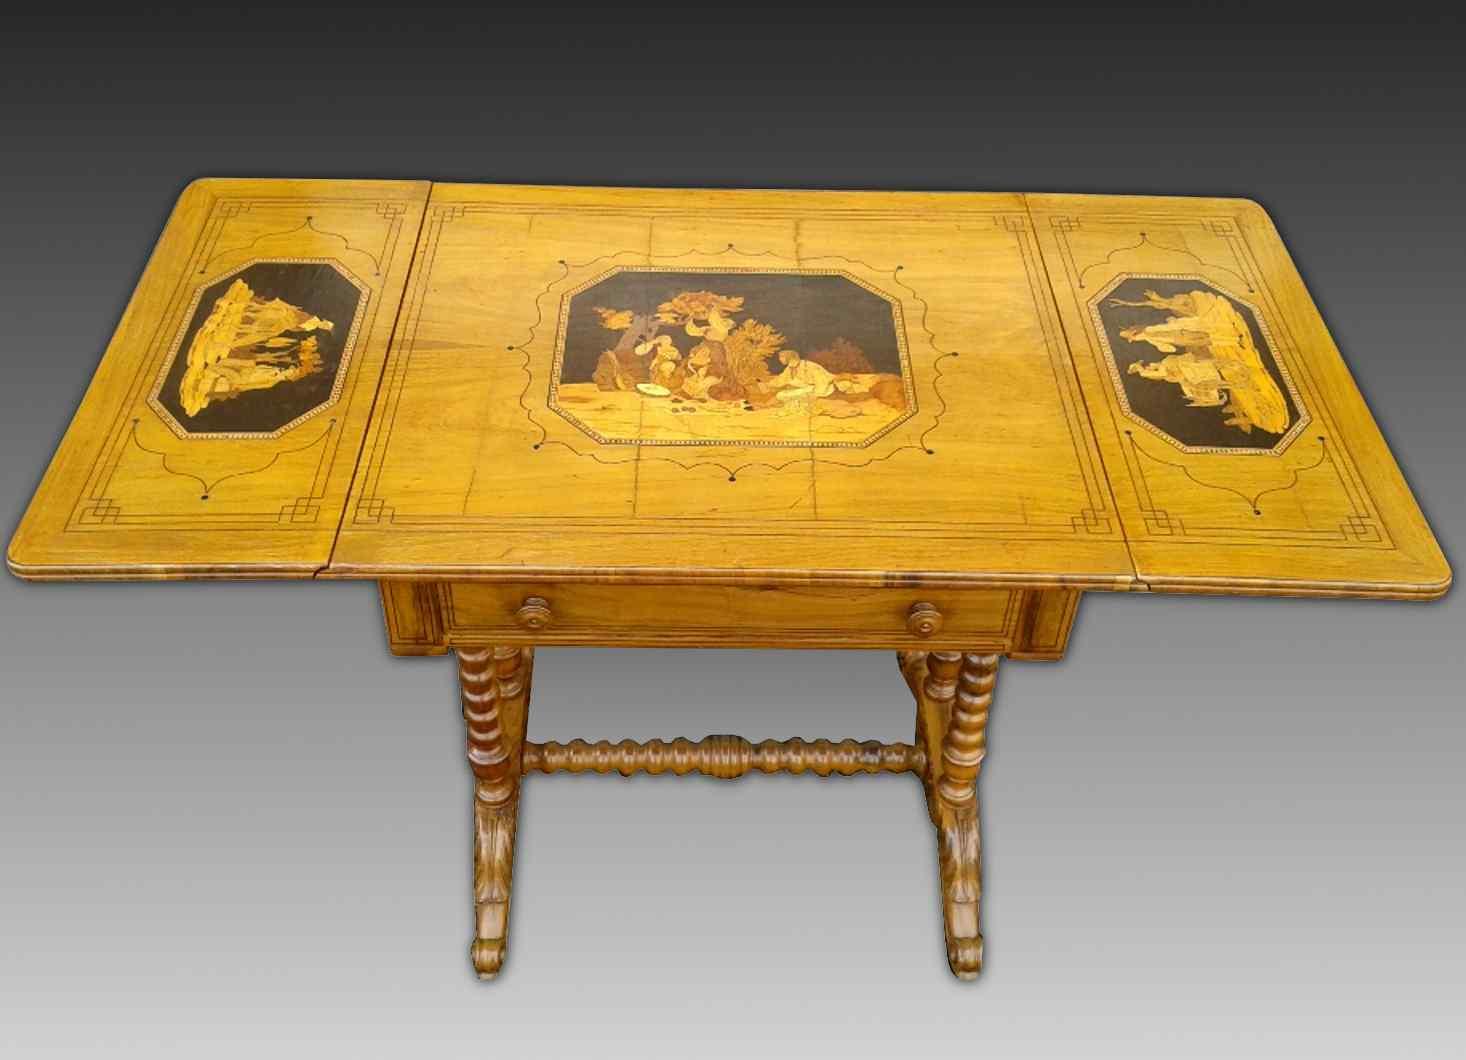 Antico Tavolino intarsiato - Italia XIX secolo